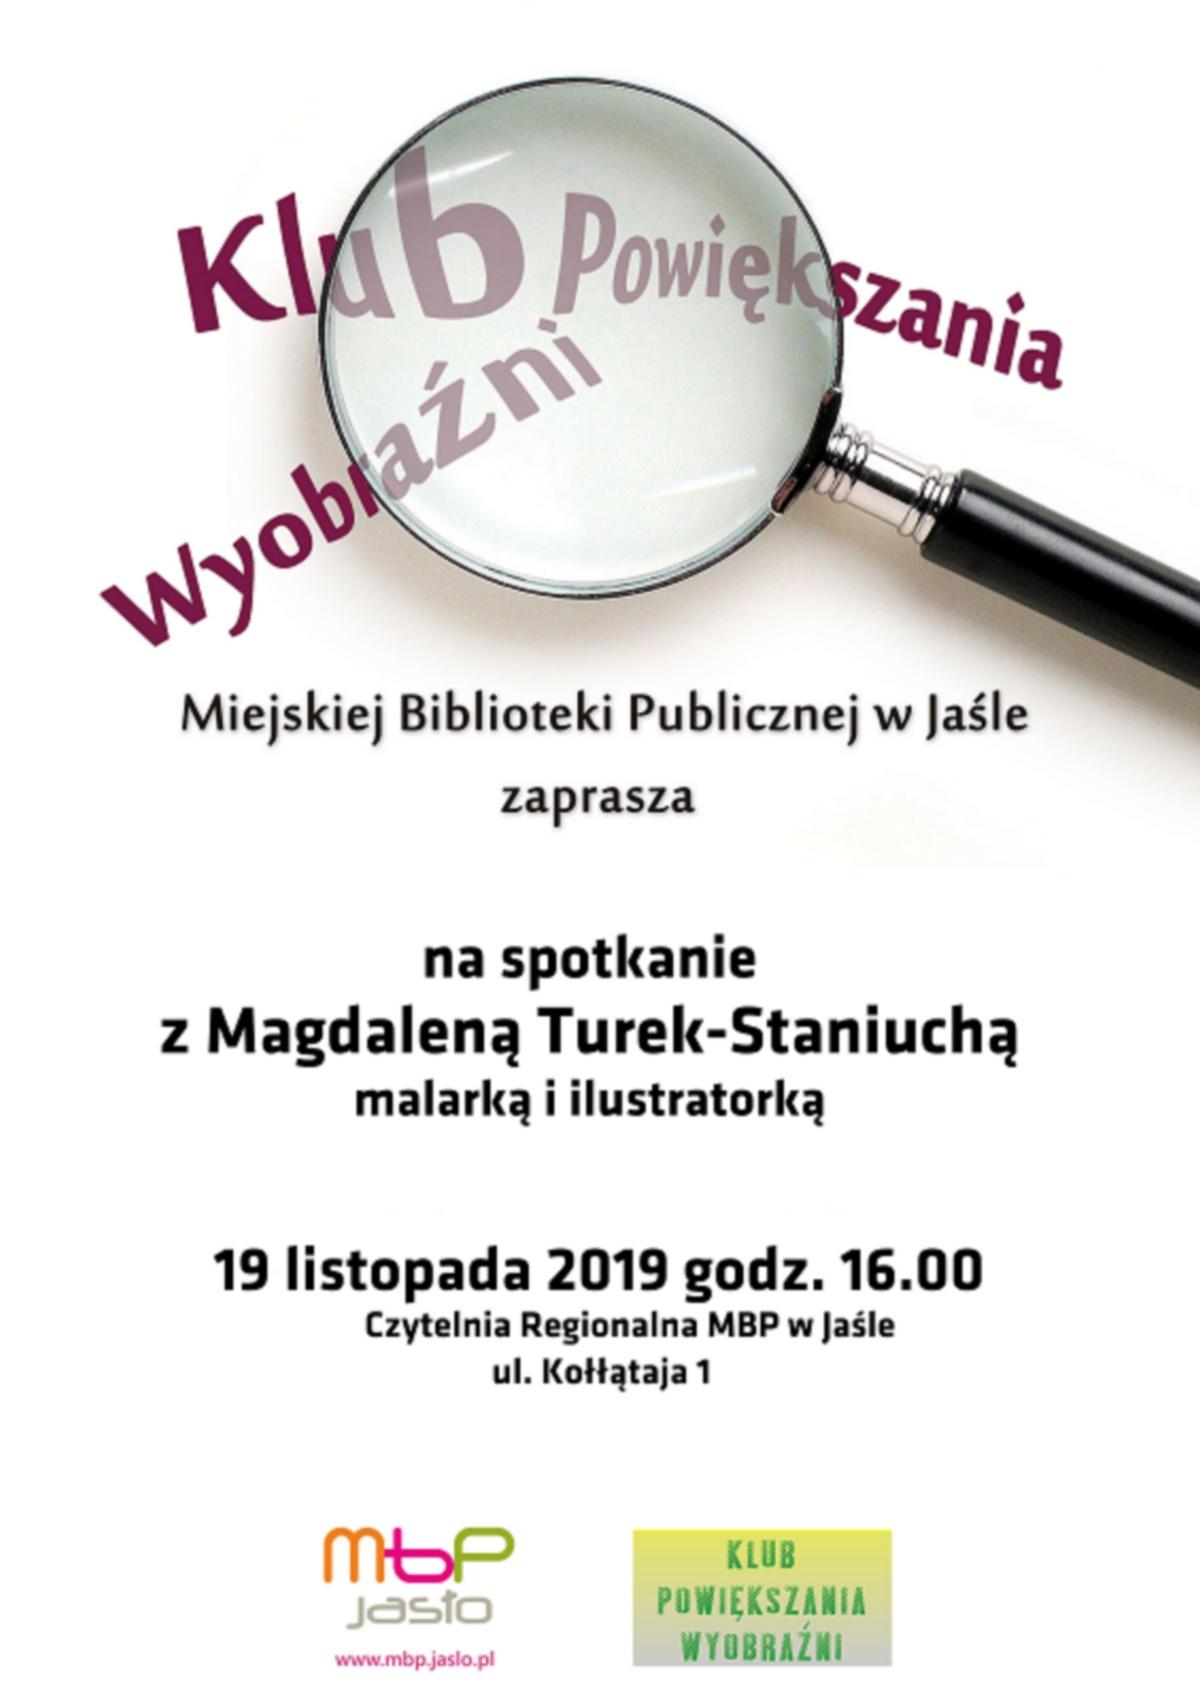 20191119__mbp-kpw